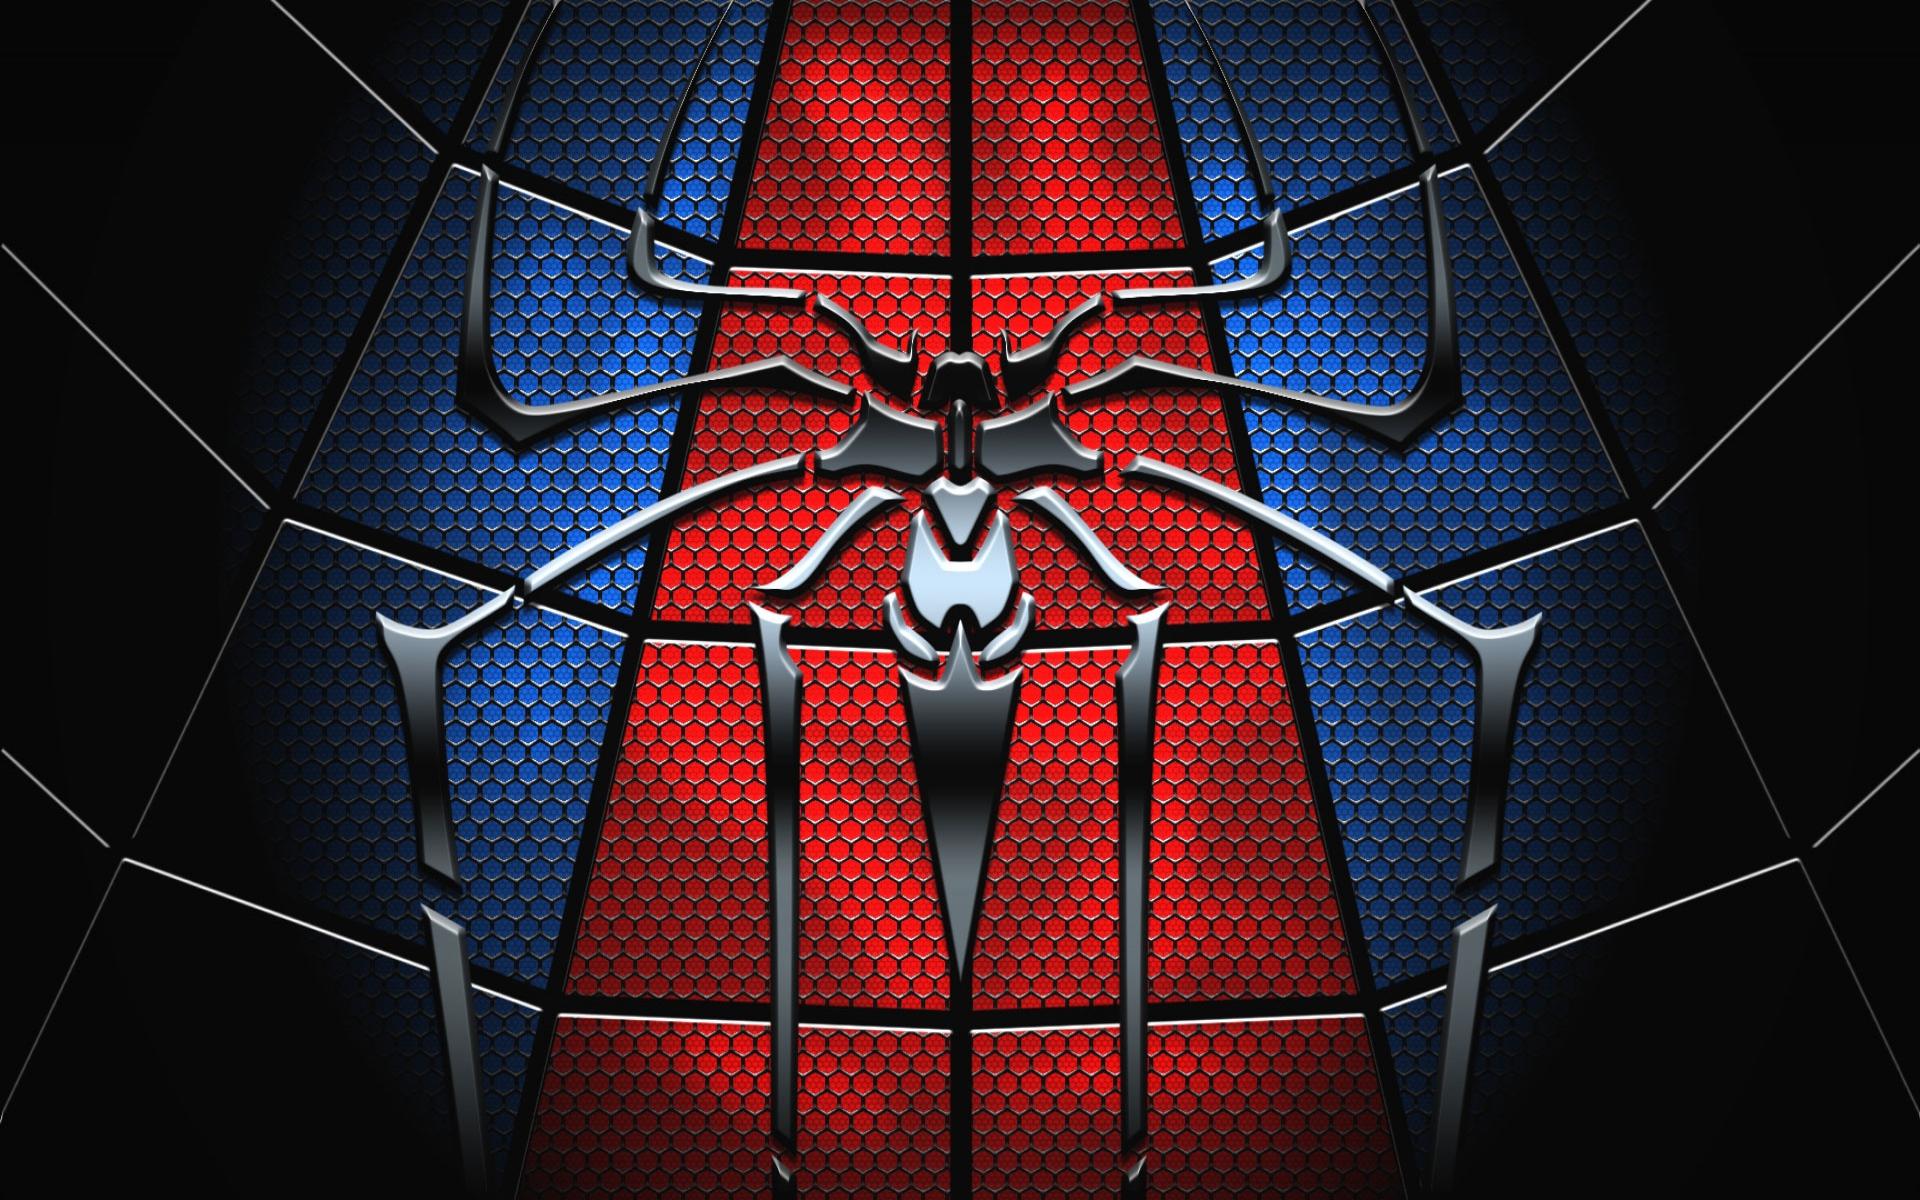 Download Wallpaper Logo Spiderman -   Pic_96815.com/download/spiderman-logo-wallpaper-11-1920x1200/